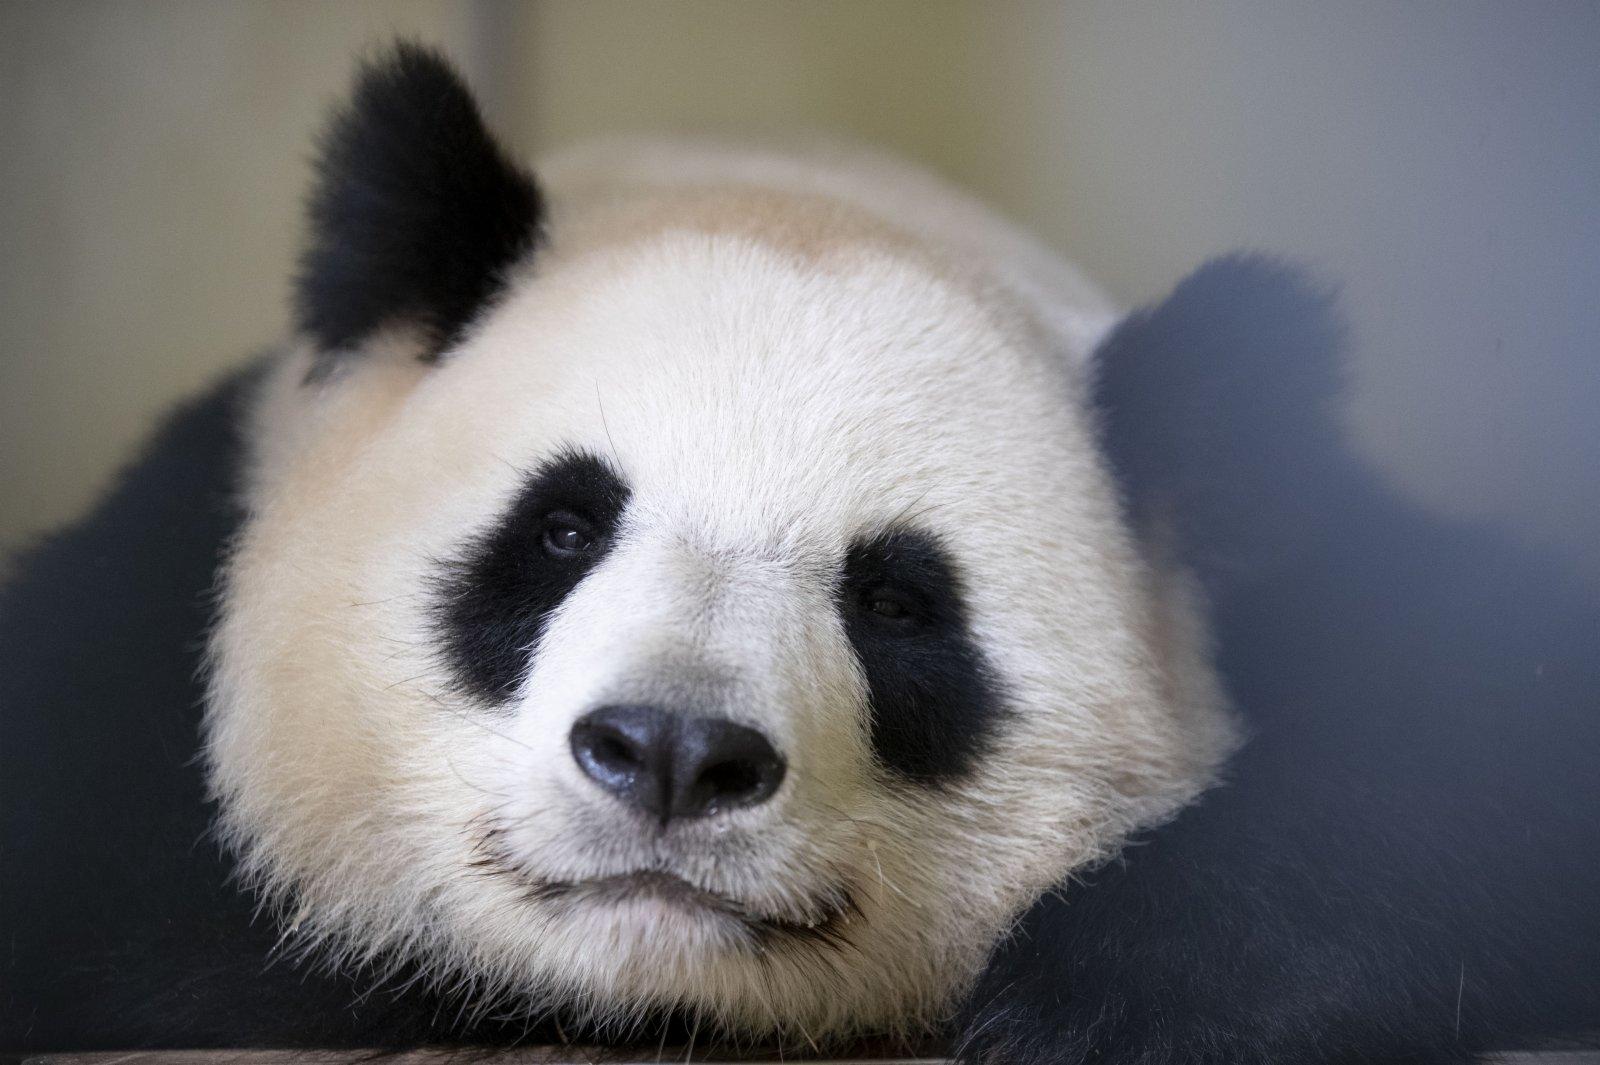 這是5月5日在法國博瓦勒野生動物園拍攝的大熊貓「歡歡」的資料照片。(新華社)